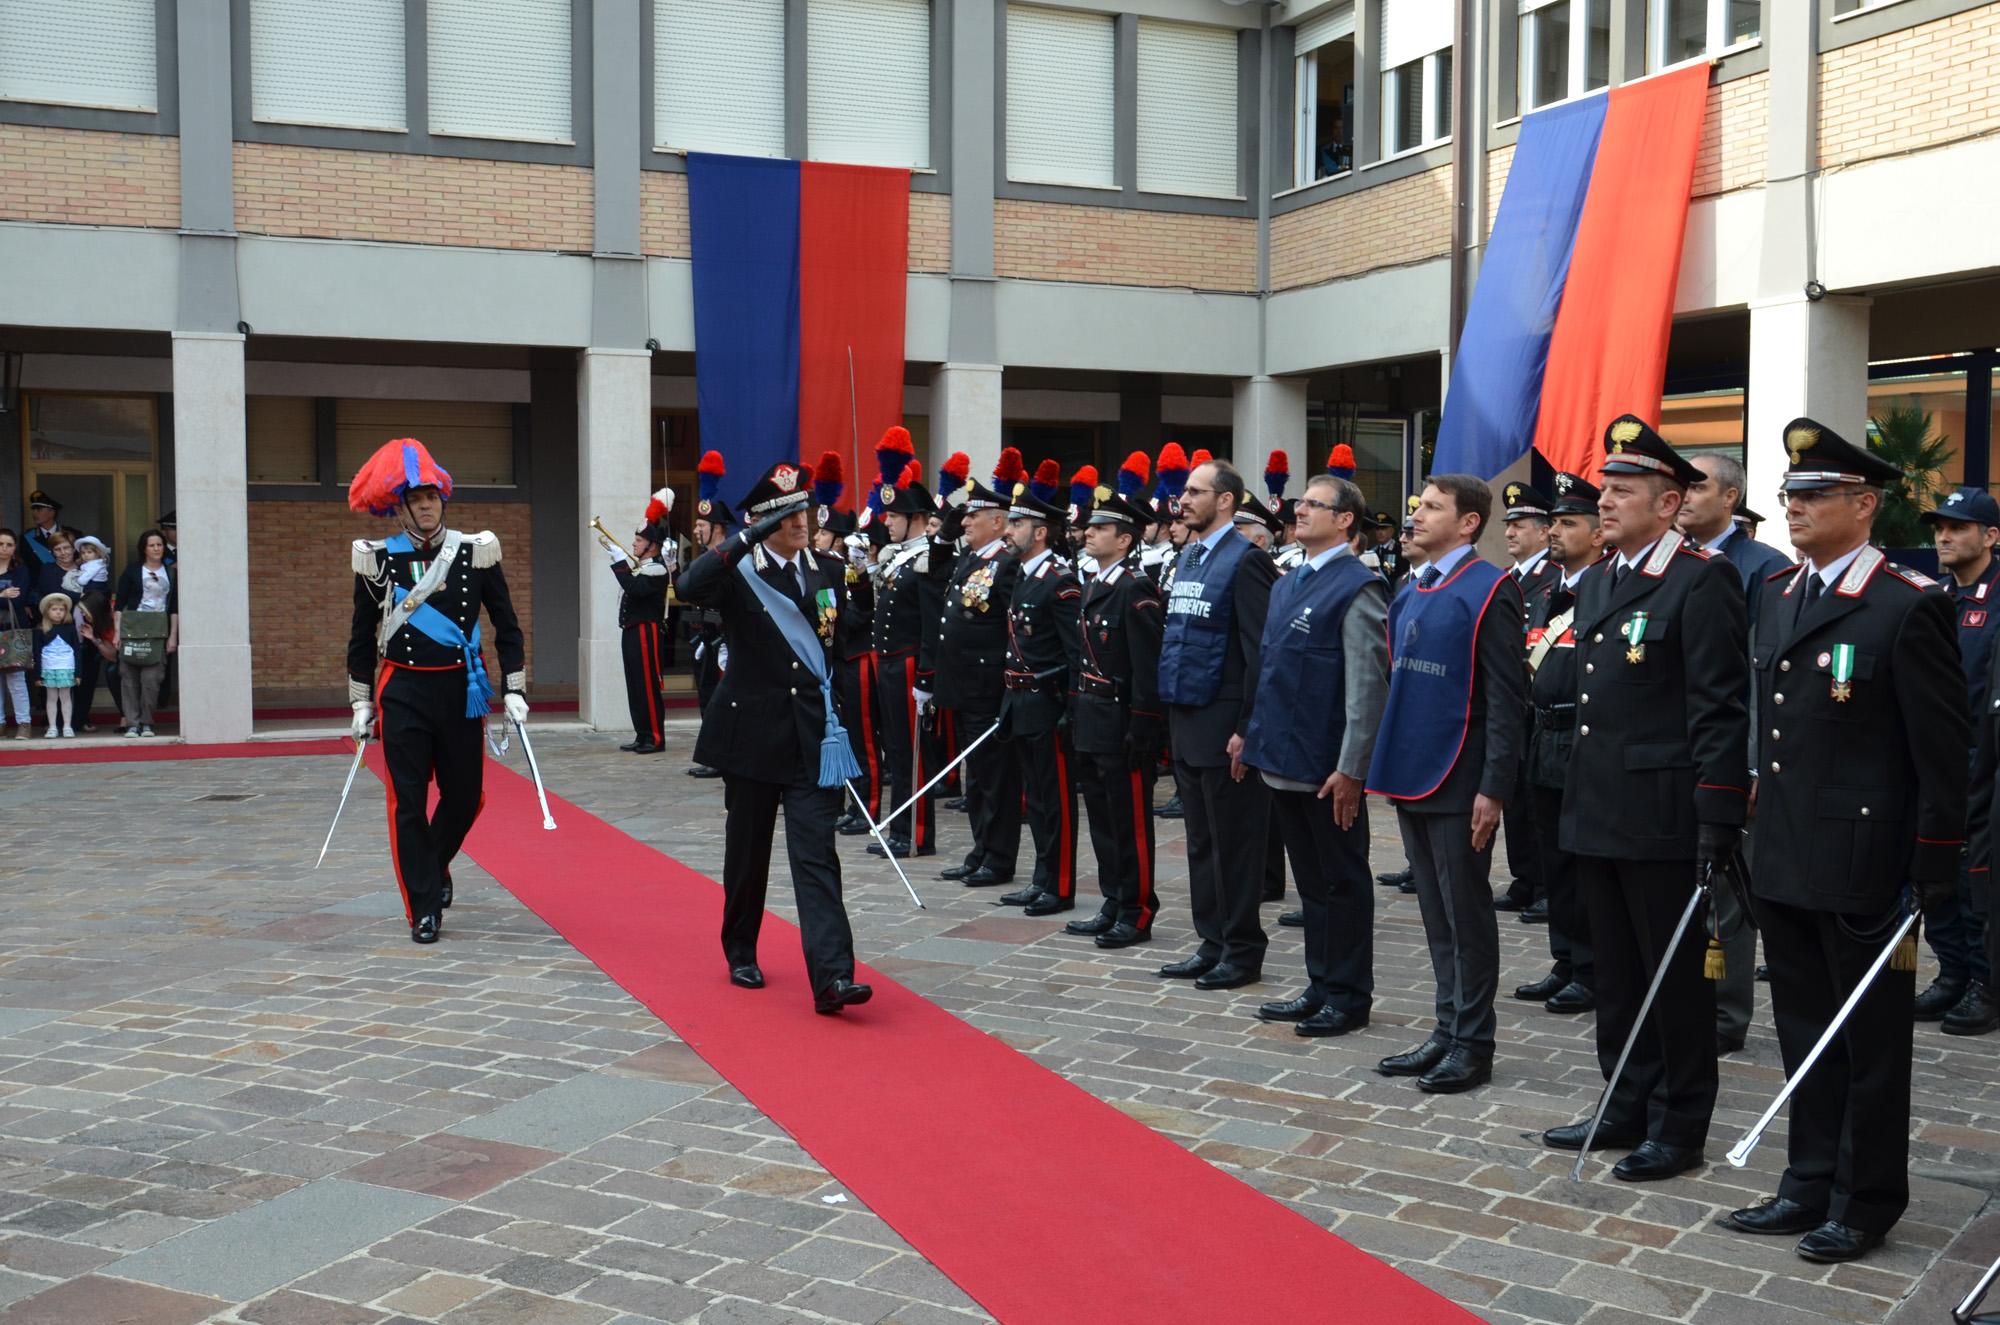 Lunedi 5 giugno il 203^ anniversario di fondazione dell'Arma dei Carabinieri